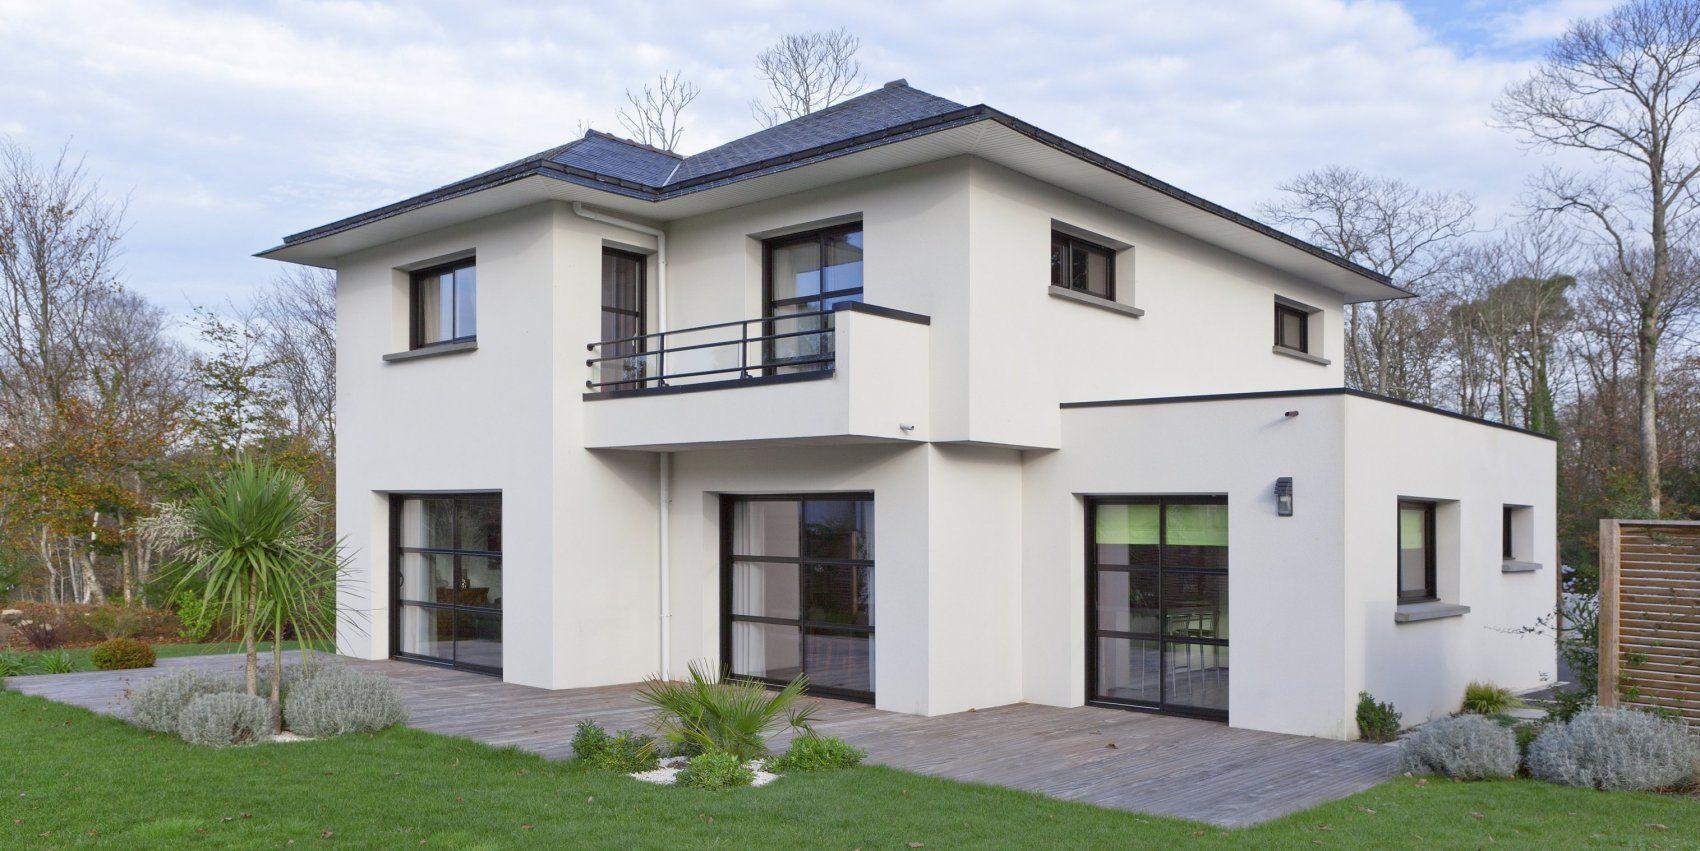 Tarifs et prix construction maison - Plan maison contemporaine - Bretagne | Prix construction ...